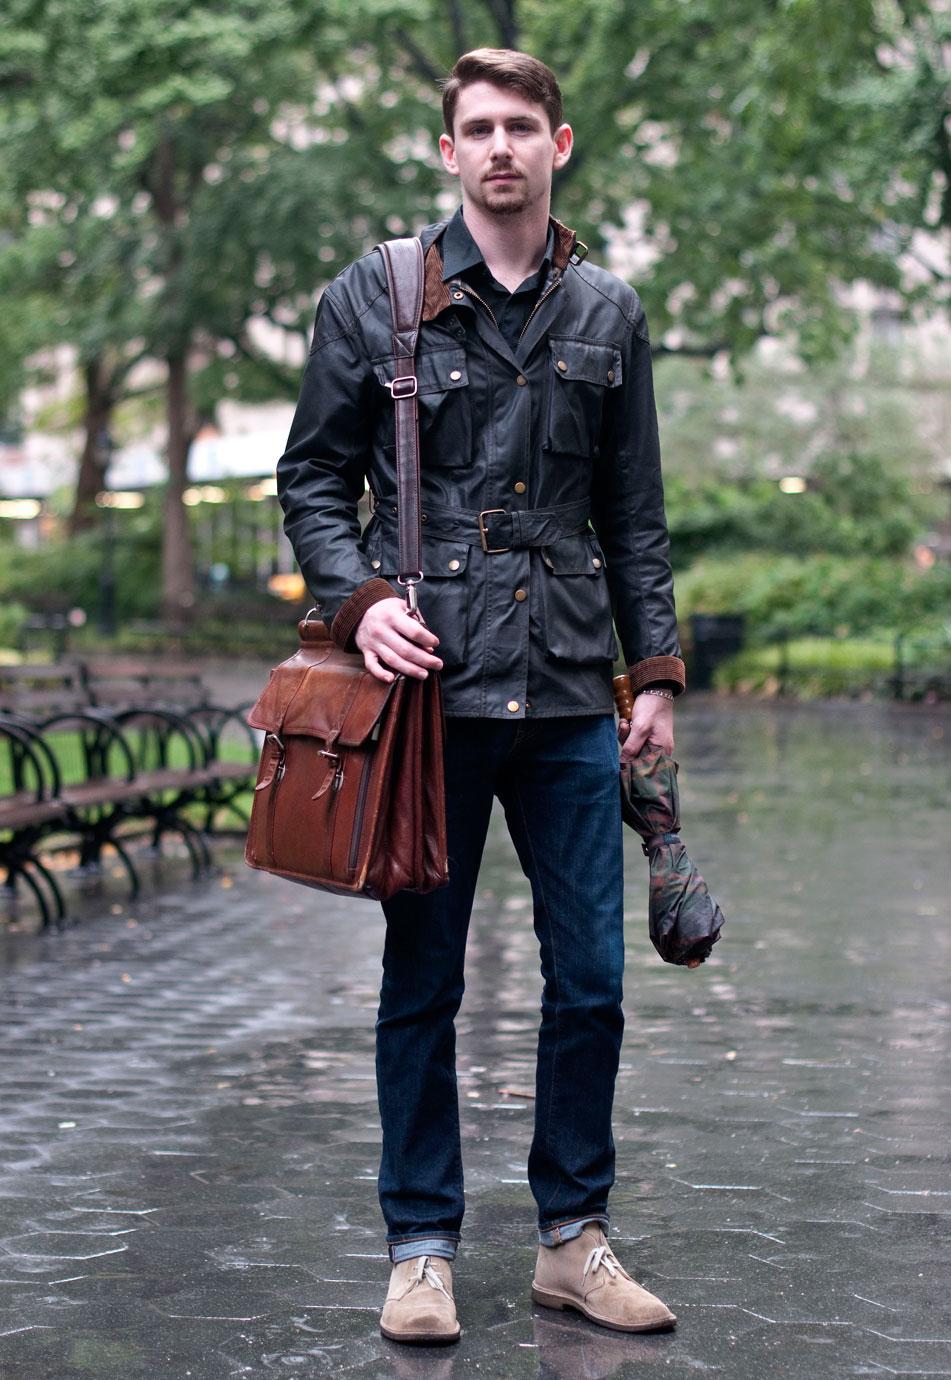 TOPMAN - Mens Fashion - Mens Clothing